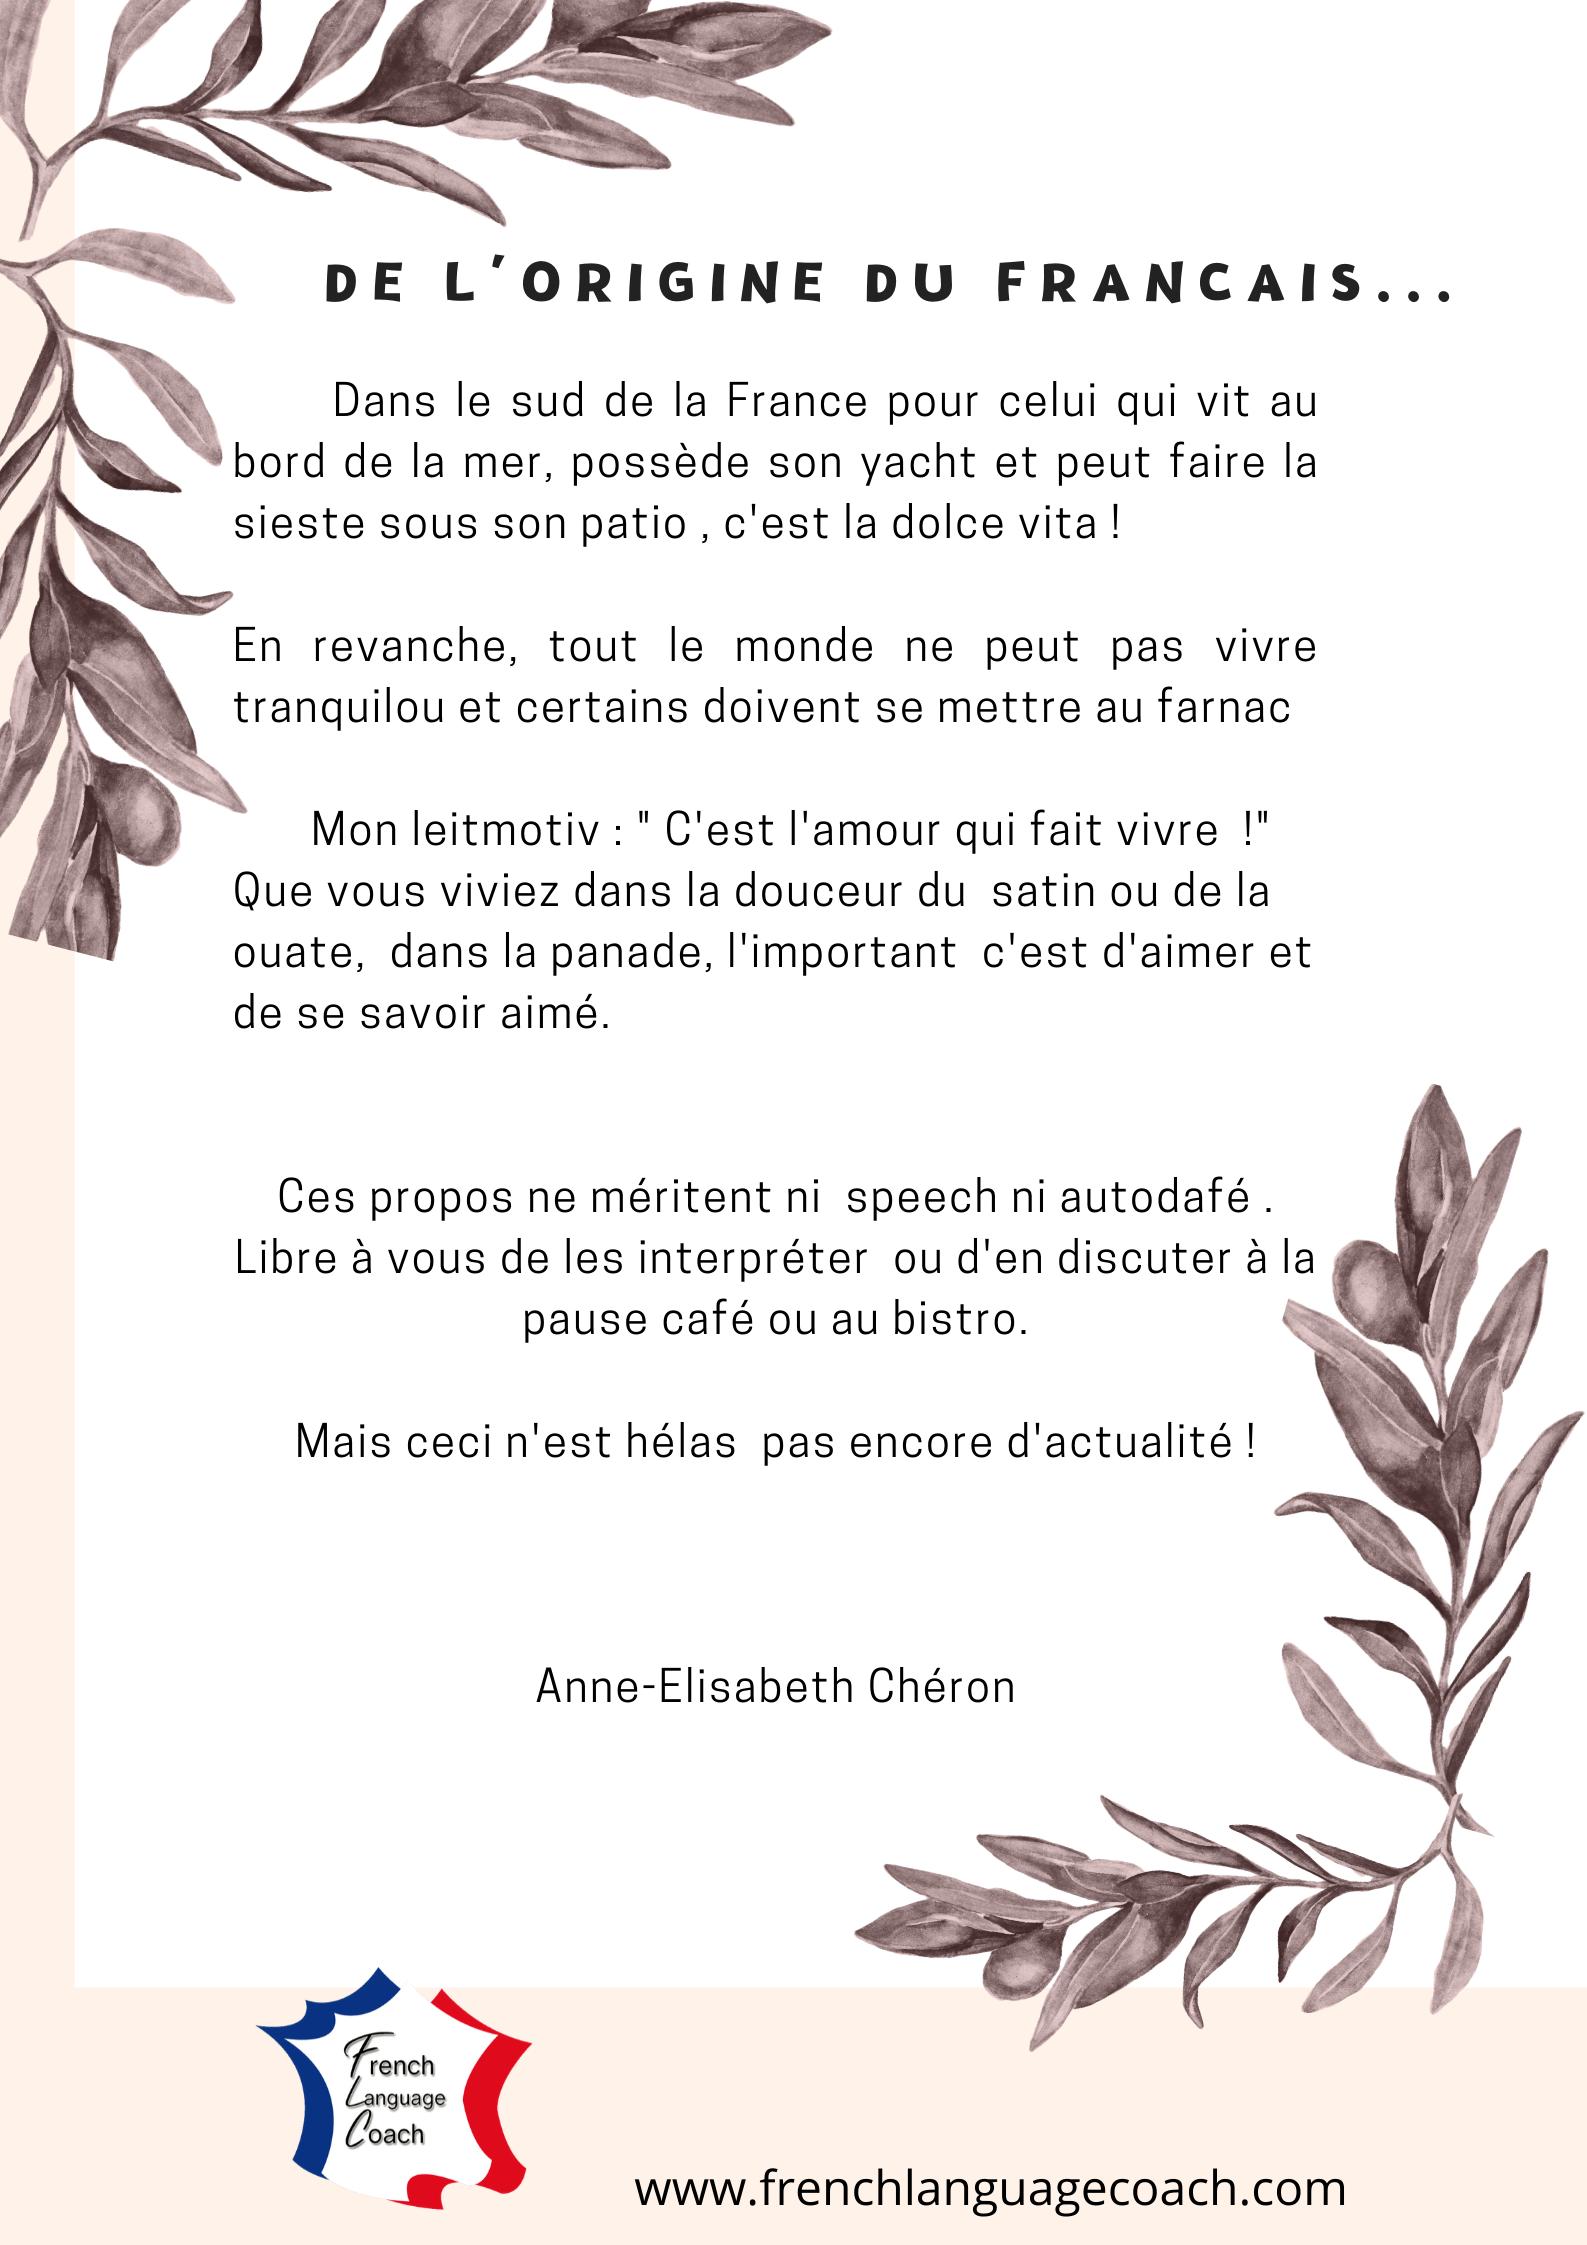 De l'origine du français